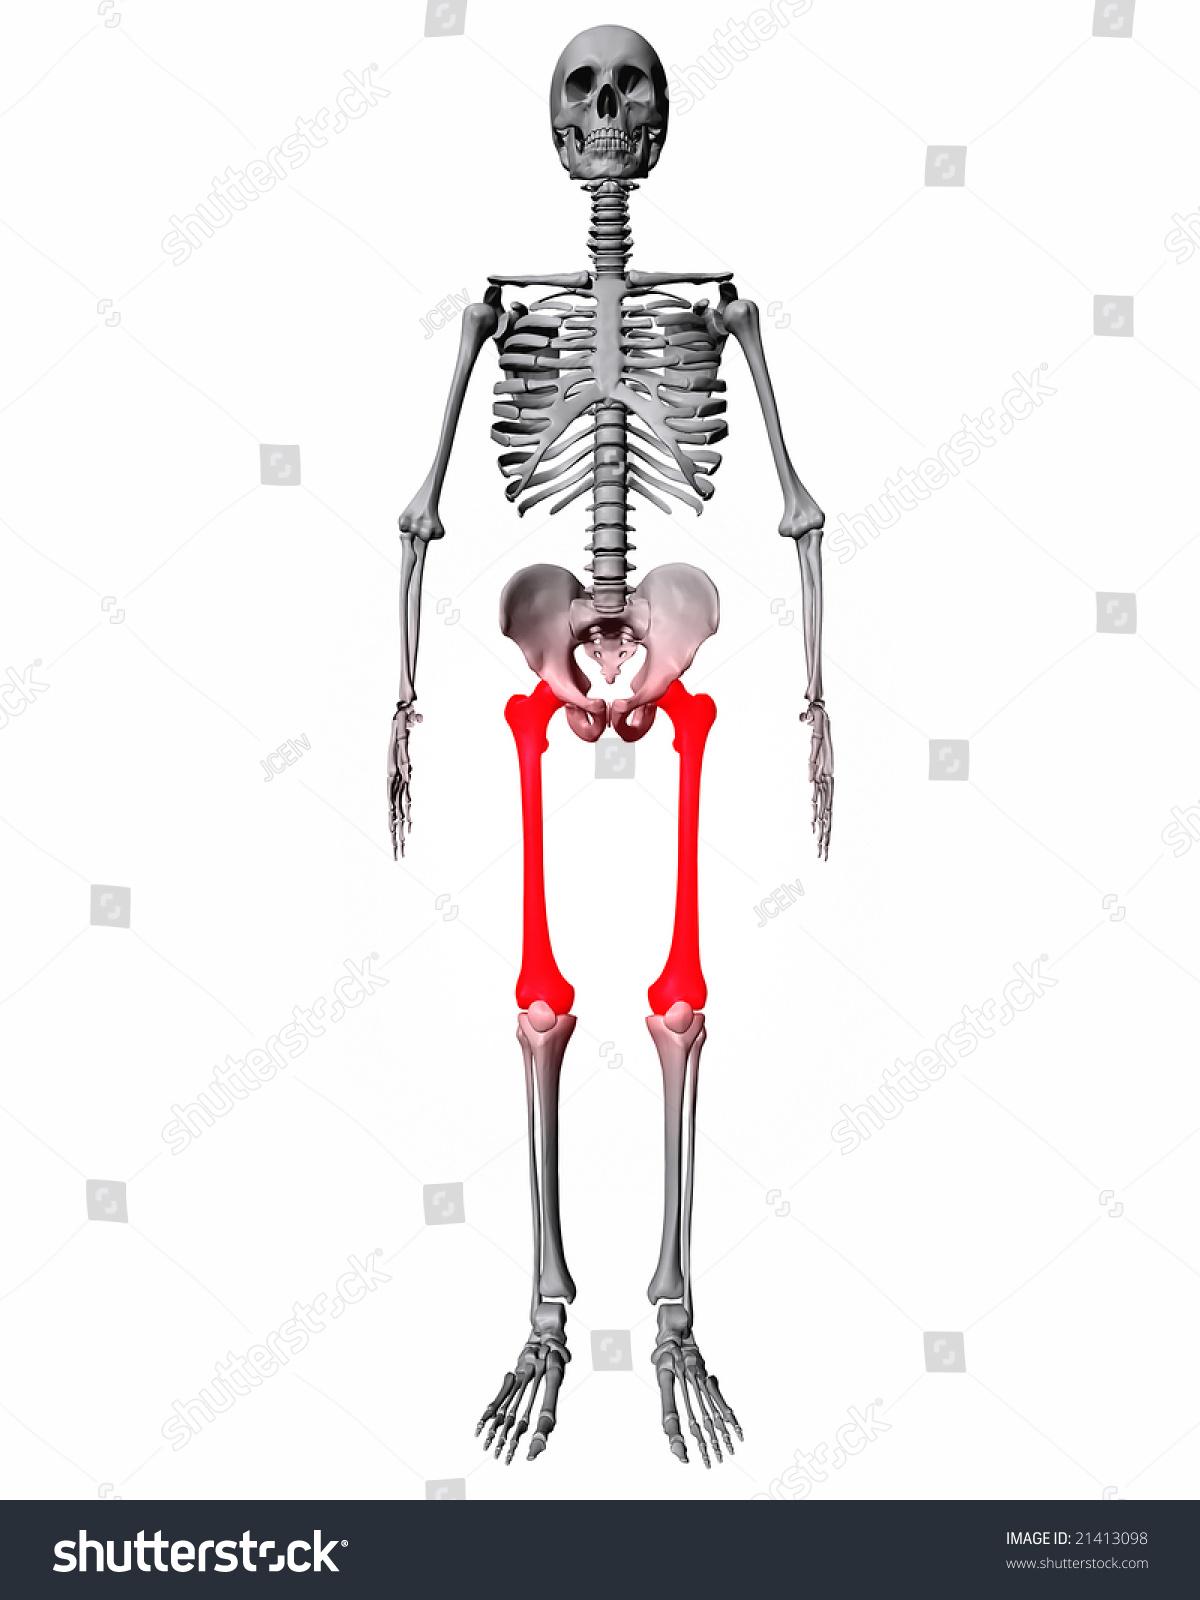 Femur Bones Highlighted Red On Skeleton Stock Illustration